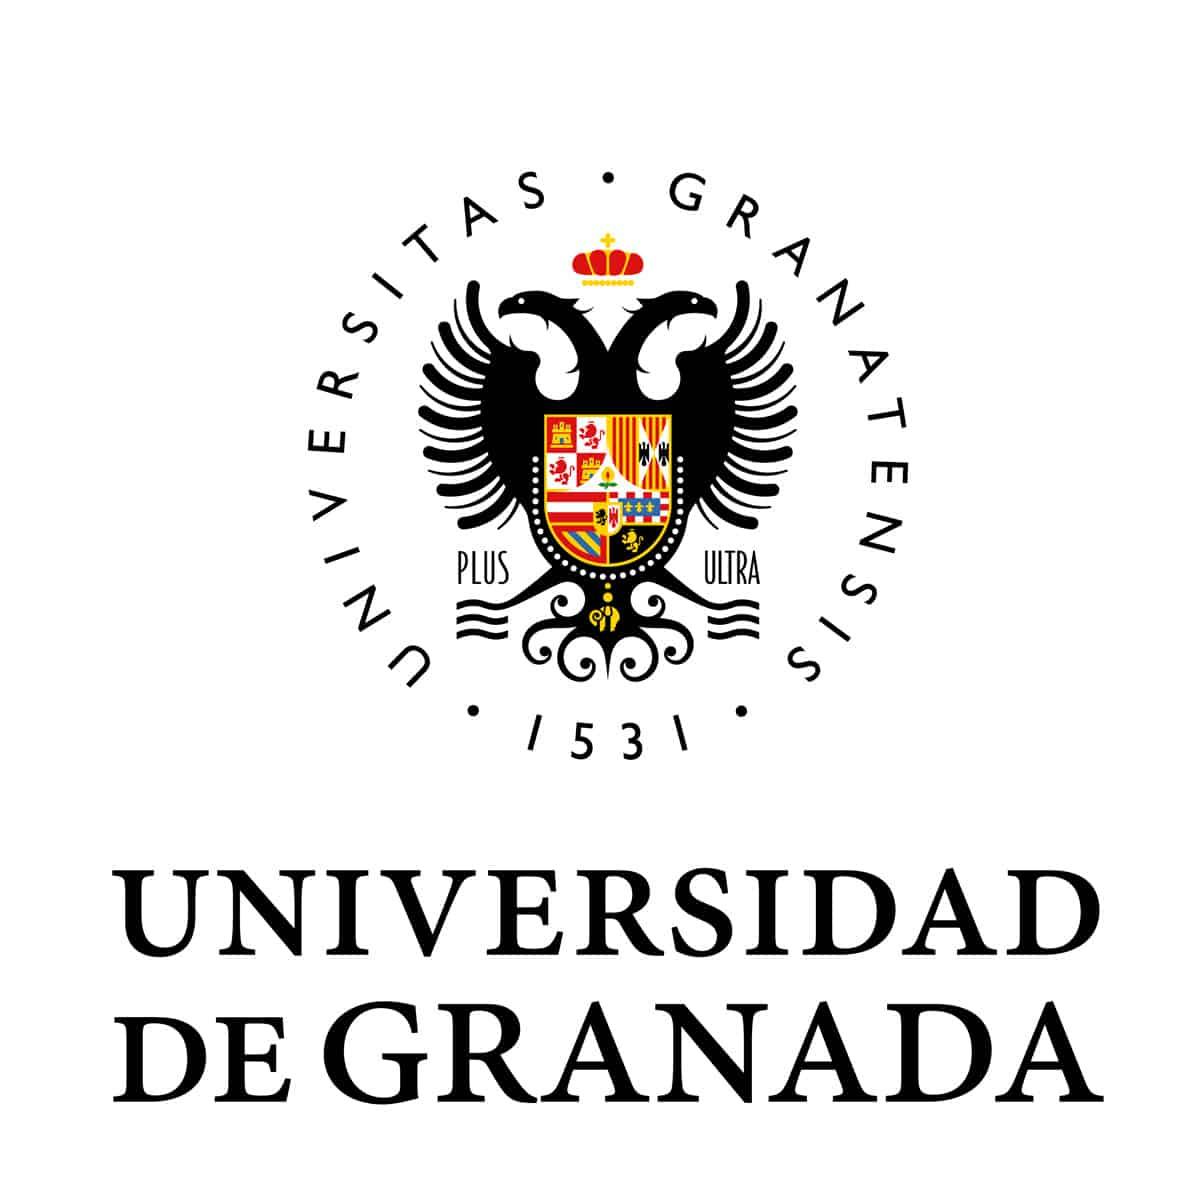 Hapet thirrja për bursa për stafin akademik të Universitetit të Mjekësisë, Tiranë për  semestrin e parë të vitit akademik 2021-2022 në  Universitetin e Granadës, Spanjë Në kuadër të programit Erasmus+ hapet thirrja për aplikime për bursa për stafin akademik të Universitetit  të Mjekësisë, Tiranë në Universitetin e Granadës, Spanjë për  semestrin e parë të vitit akademik 2021-2022